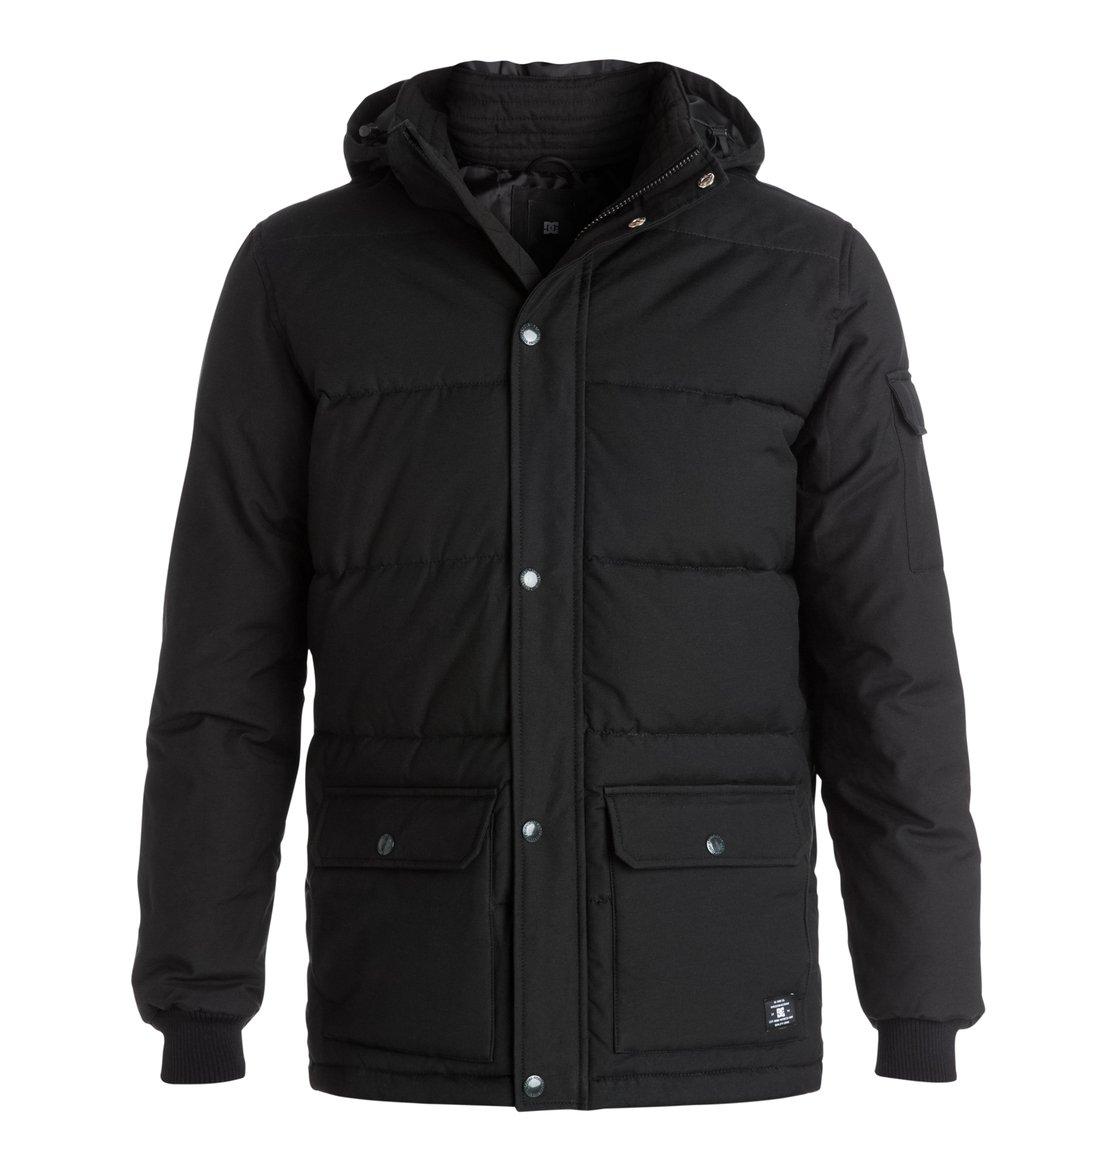 Arctic 2Мужская куртка Arctic 2 от DC Shoes. <br>ХАРАКТЕРИСТИКИ: парусиновая ткань из хлопка и нейлона, водостойка пропитка степени 600 мм, съемный капюшон, манжеты в рубчик, нарочито стеганый дизайн, контрастная цветная подкладка из полиэстера, внутренний карман, нижние карманы с двойной прорезью – сбоку и сверху, пластиковая молния и кнопки-застежки DC спереди, ярлык DC спереди внизу, фурнитура и отделка с маркировкой DC. <br>СОСТАВ: 74% хлопок, 26% нейлон/полиамид.<br>